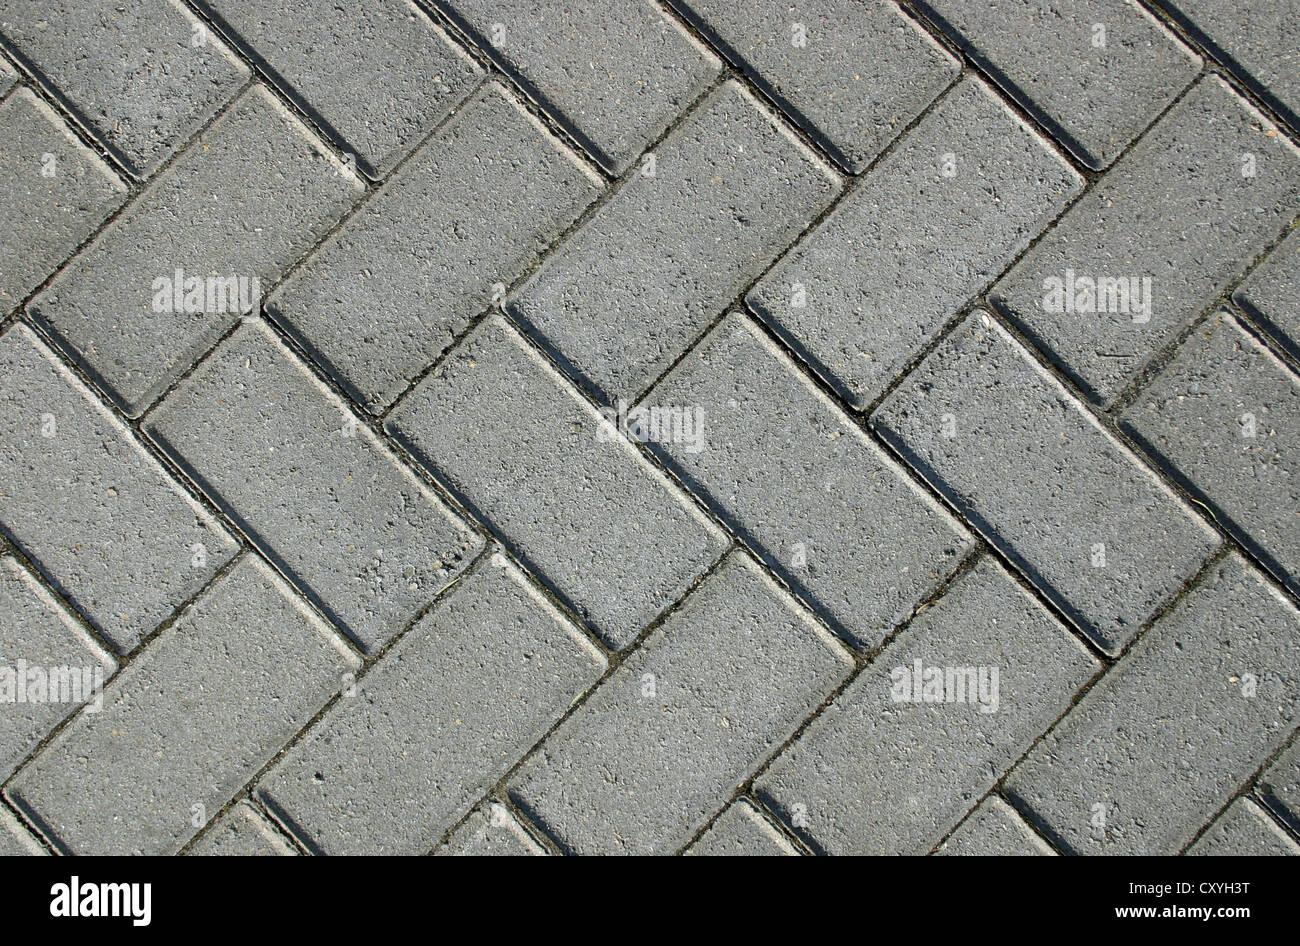 Textur von einem Ziegelstein Spaziergang geeignet für Hintergründe Stockbild